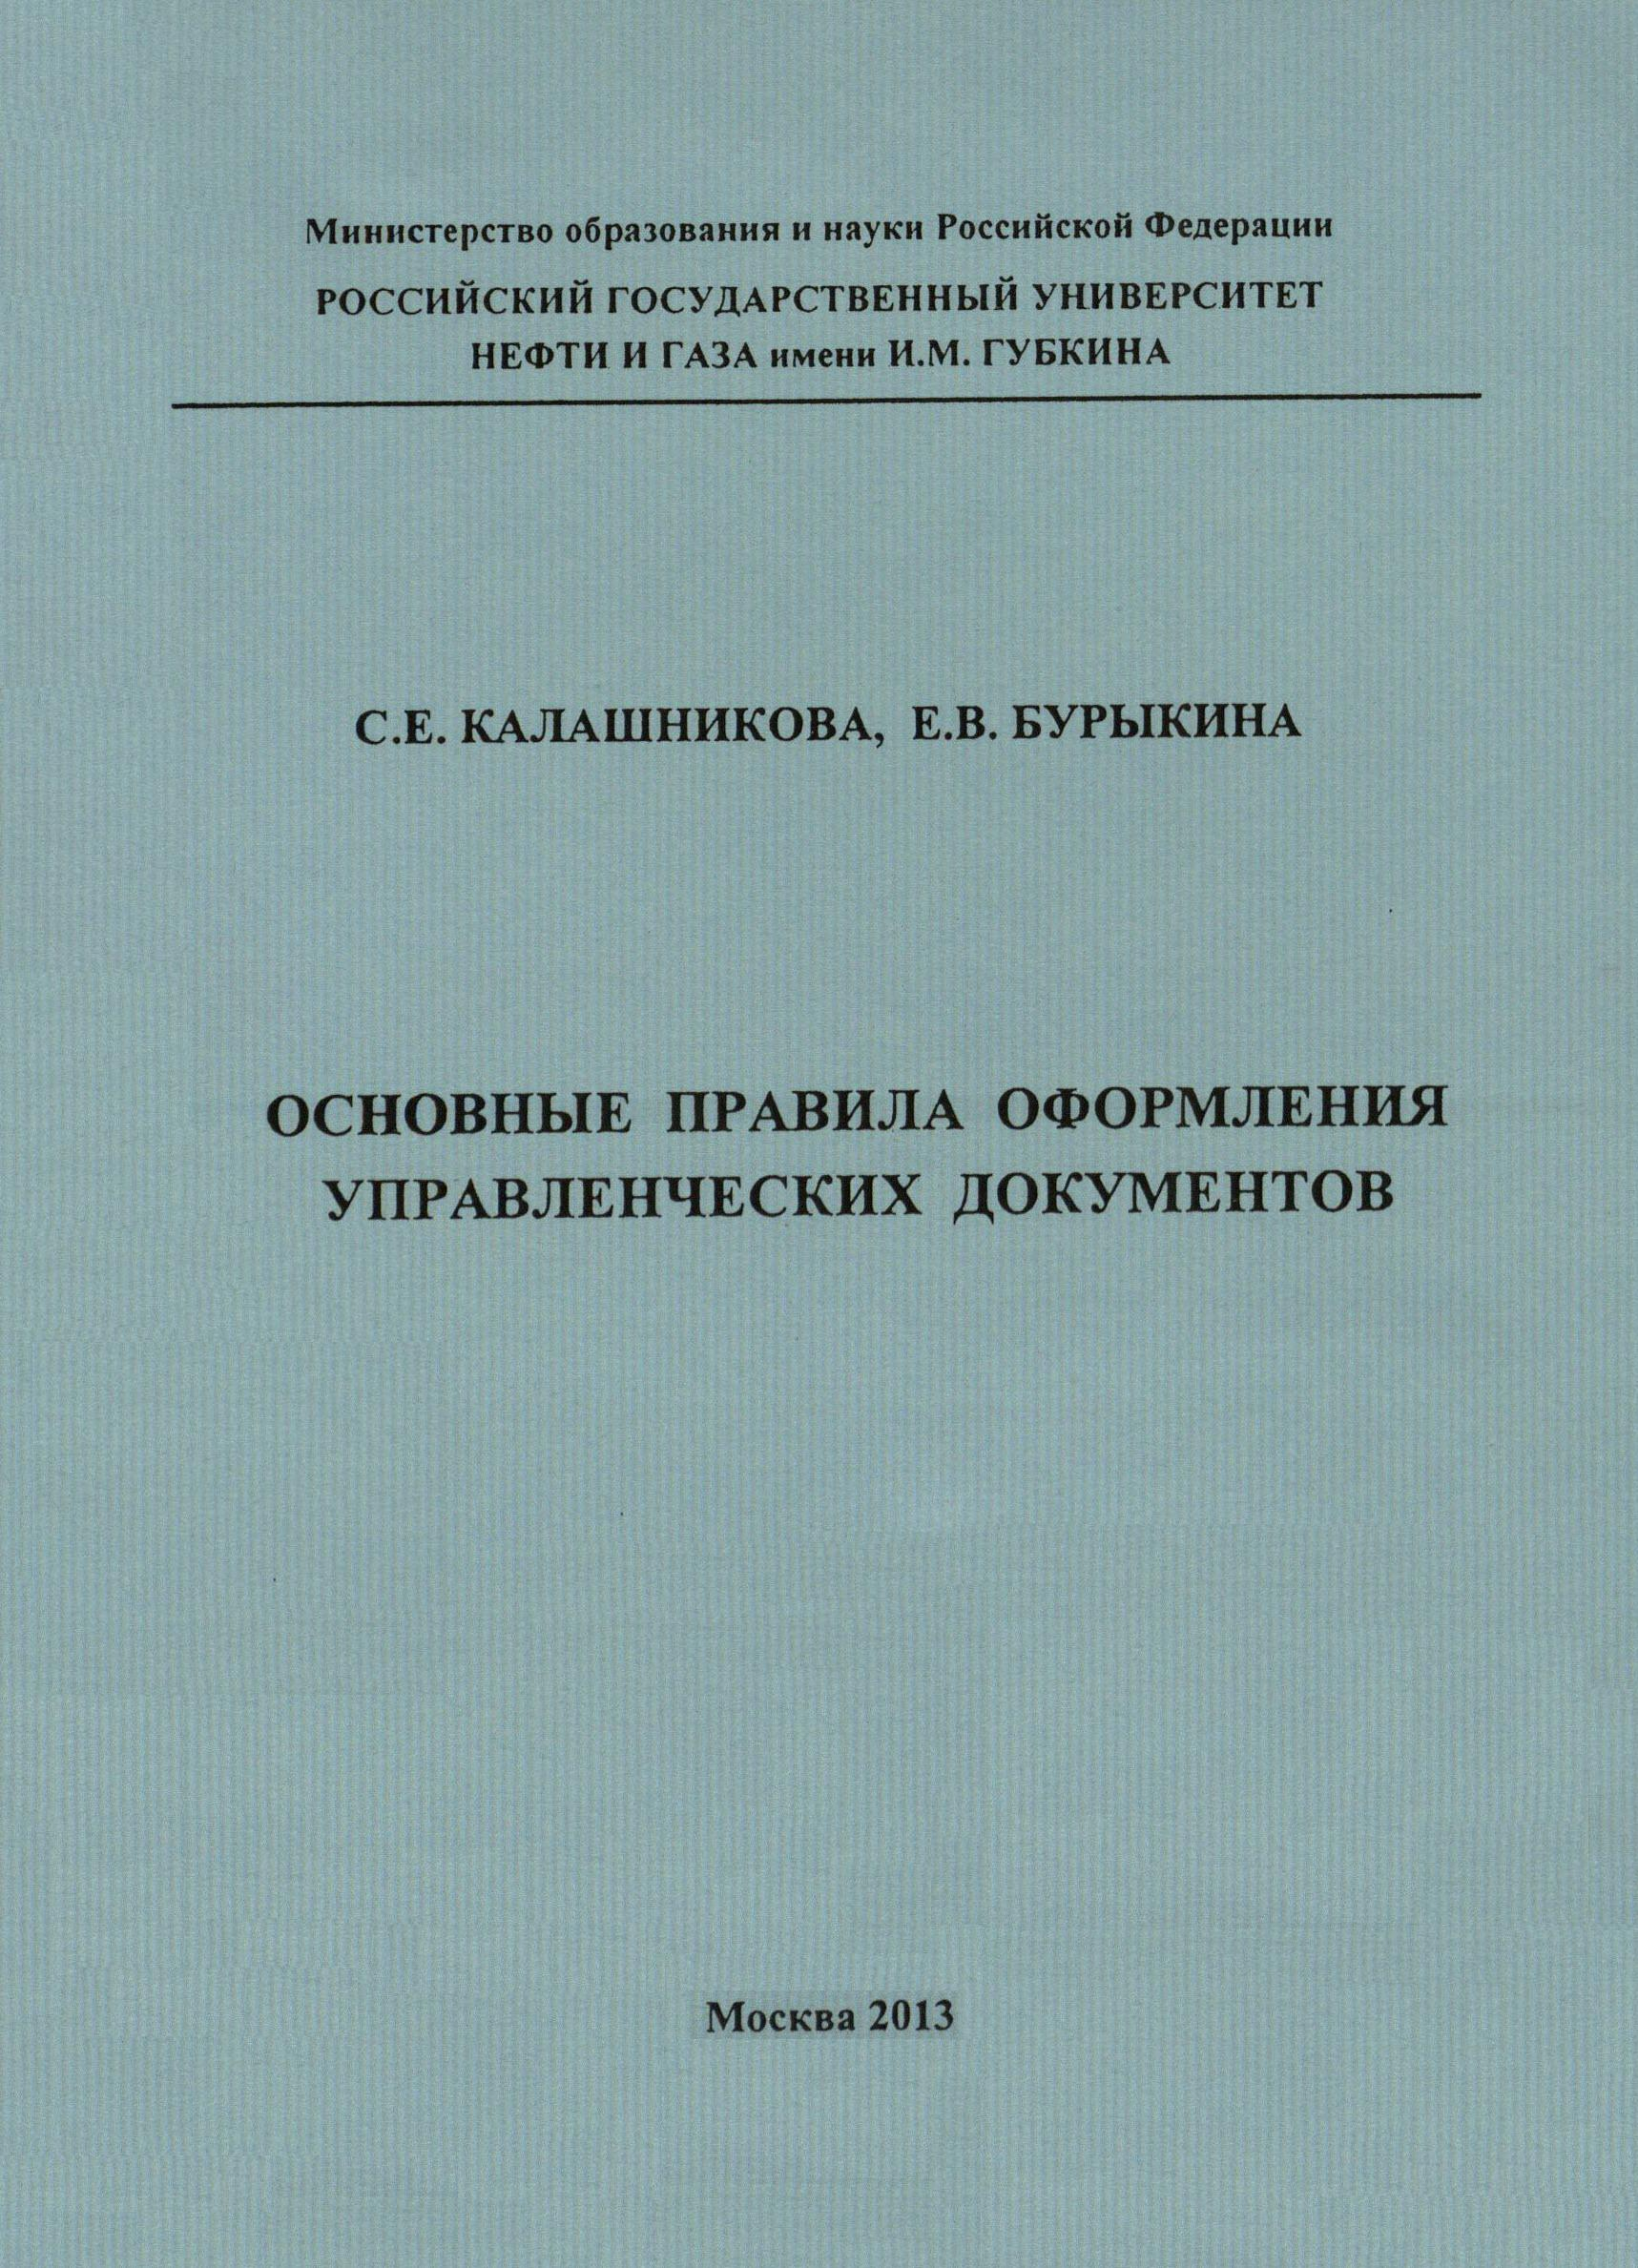 Основные правила оформления управленческих документов  Основные правила оформления управленческих документов